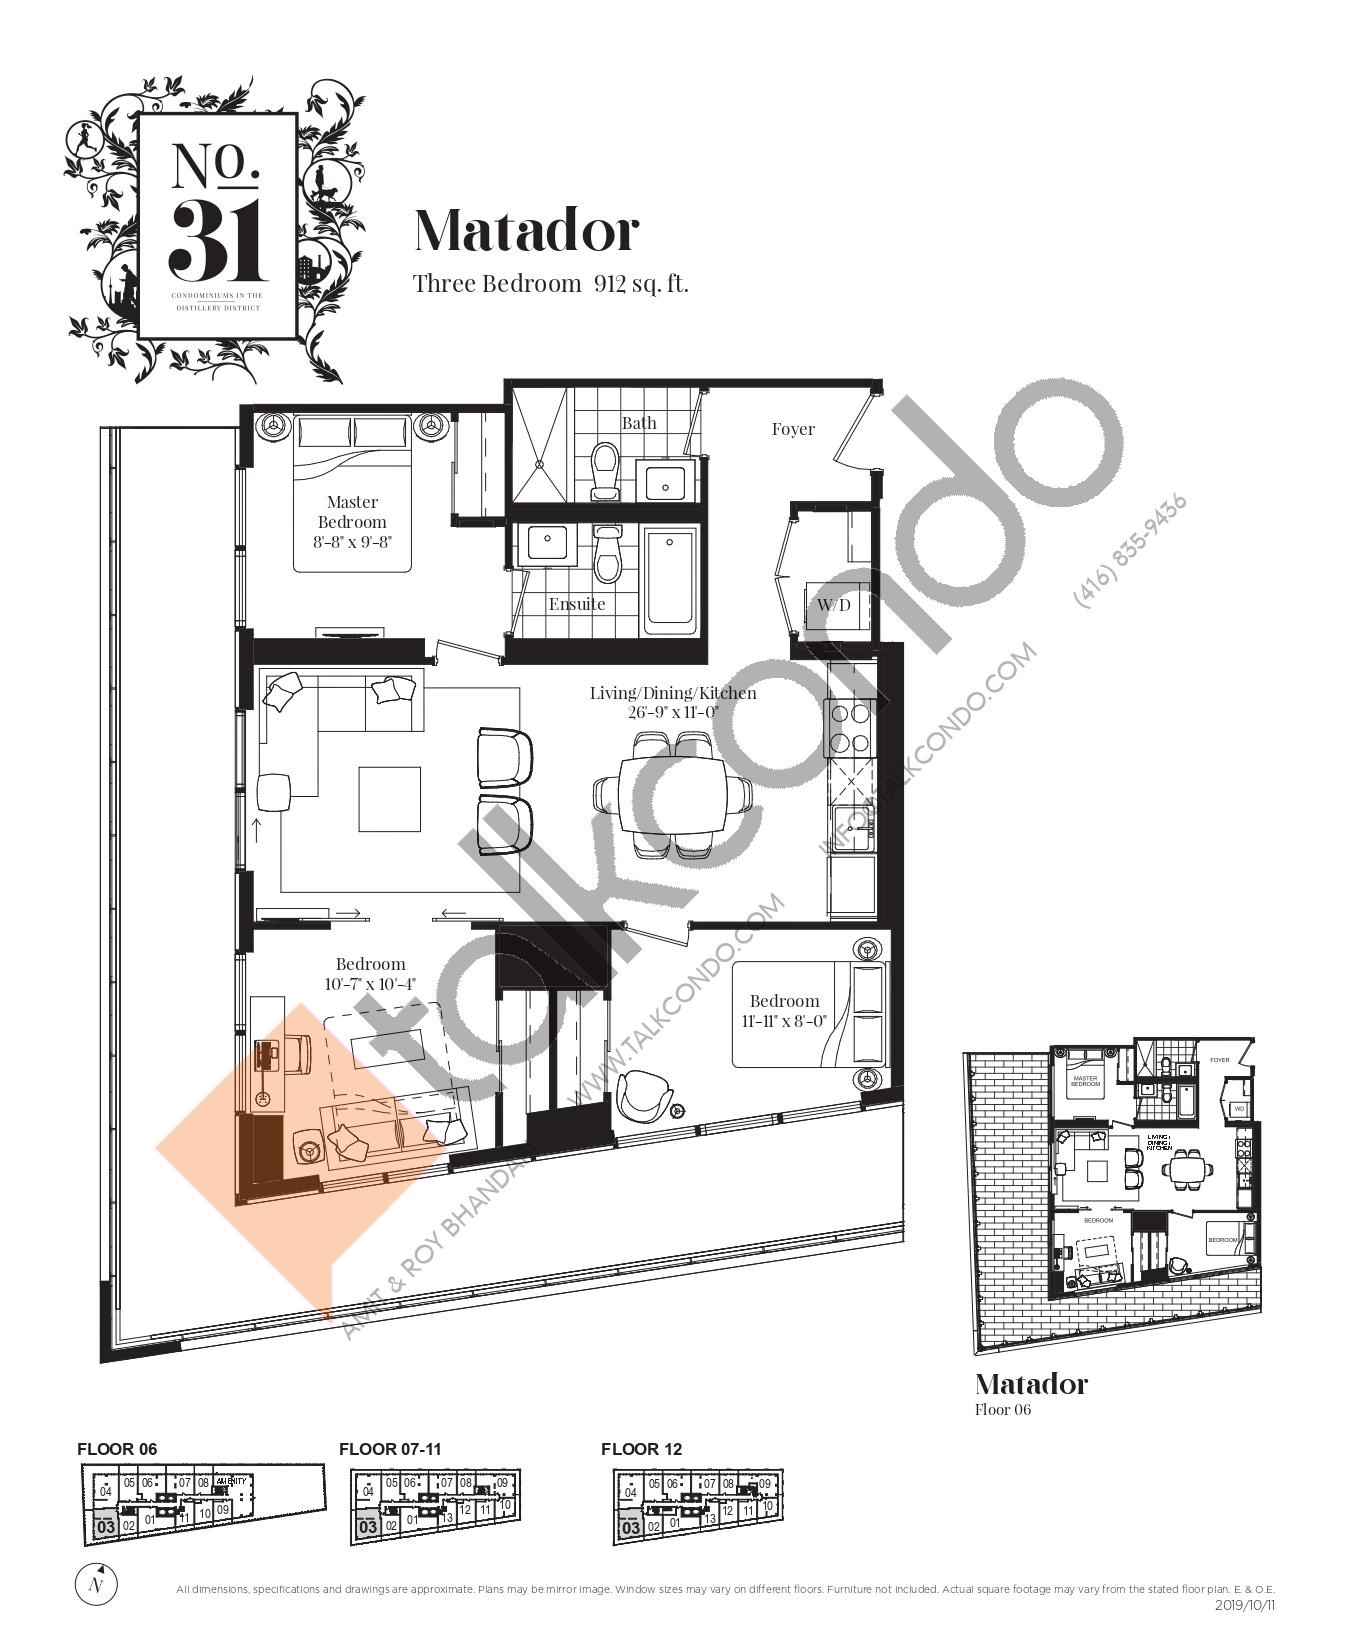 Matador Floor Plan at No. 31 Condos - 912 sq.ft